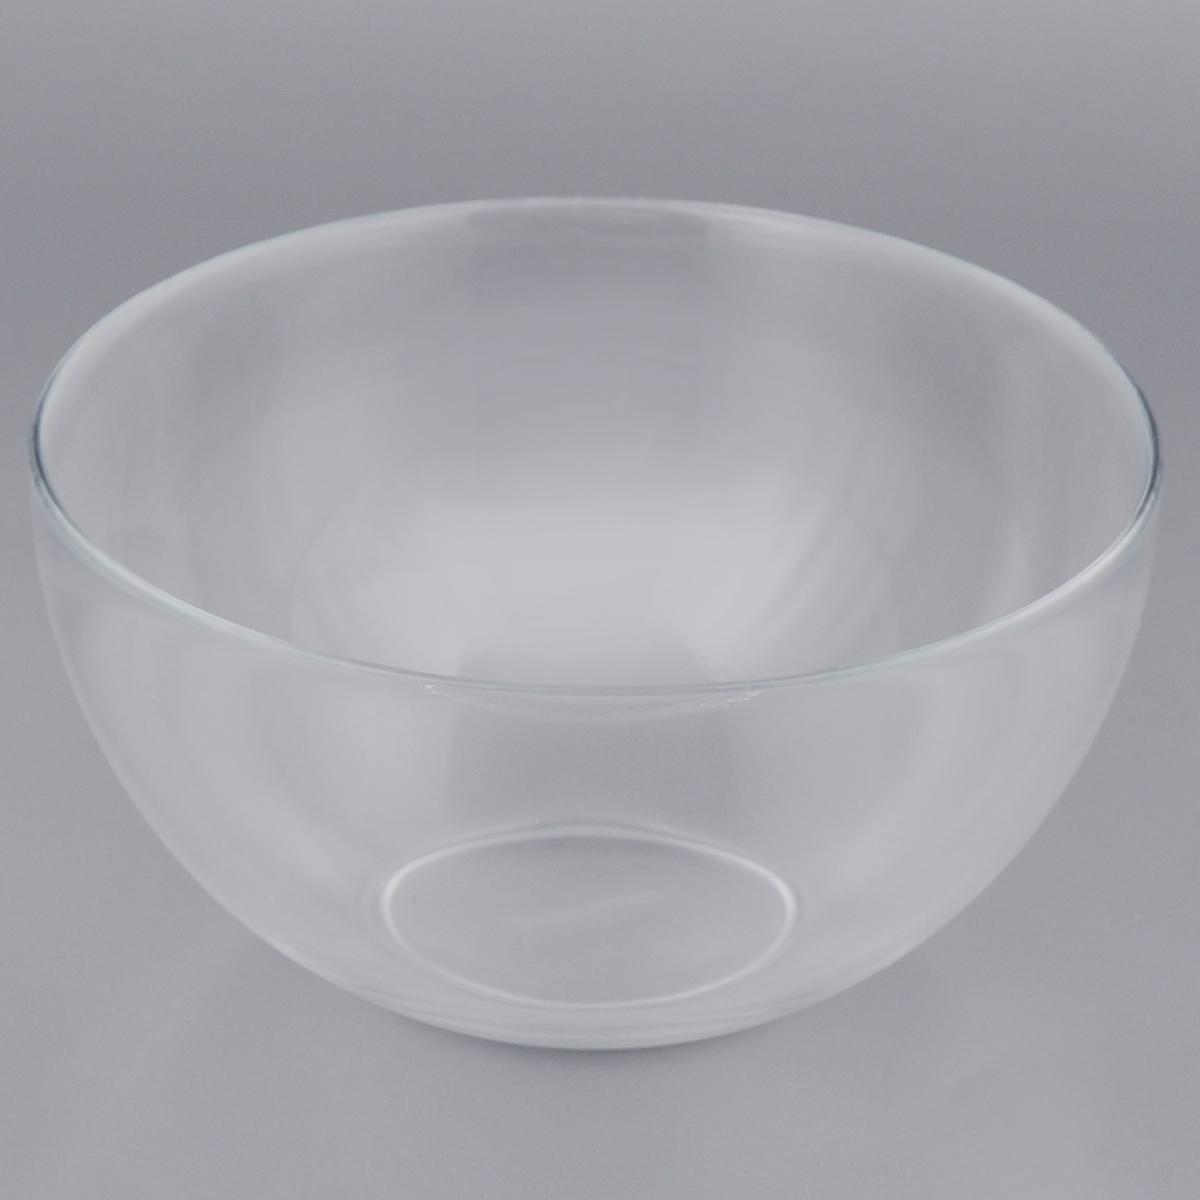 Миска Tescoma Giro, диаметр 16 см389216Миска Tescoma Giro выполнена извысококачественного стекла и предназначена для подачи салатов и других блюд. Изделиесочетает в себе изысканный дизайн с максимальнойфункциональностью. Она прекрасно впишется винтерьер вашей кухни и станет достойным дополнениемк кухонному инвентарю.Миска Tescoma Giro подчеркнет прекрасный вкус хозяйки истанет отличным подарком. Можно использовать в СВЧ и мыть в посудомоечноймашине. Диаметр миски (по верхнему краю): 16 см.Высота стенки: 8,5 см.